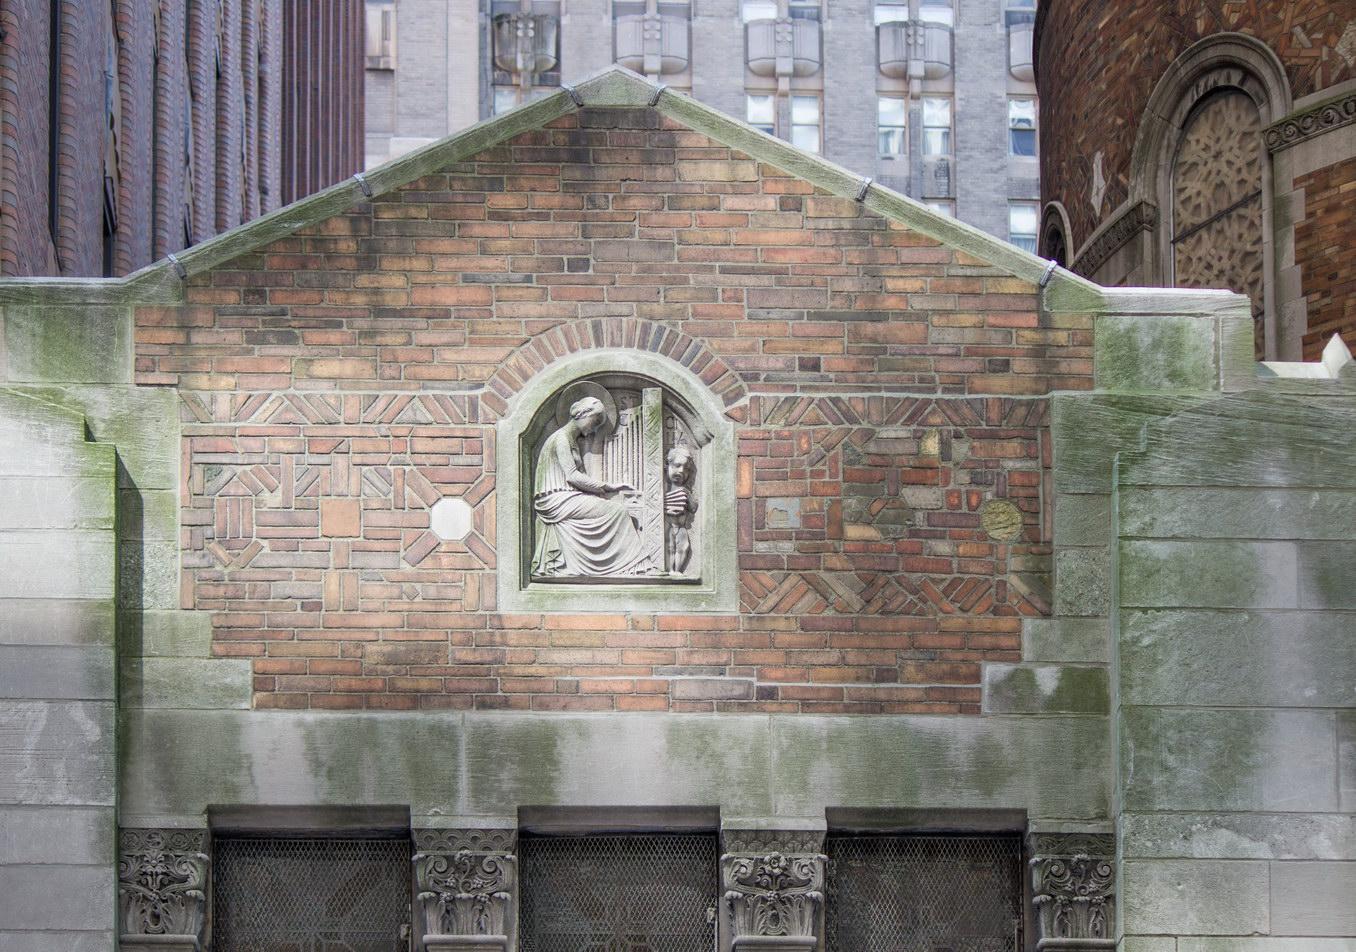 St. Bartholomew's Church - detail.